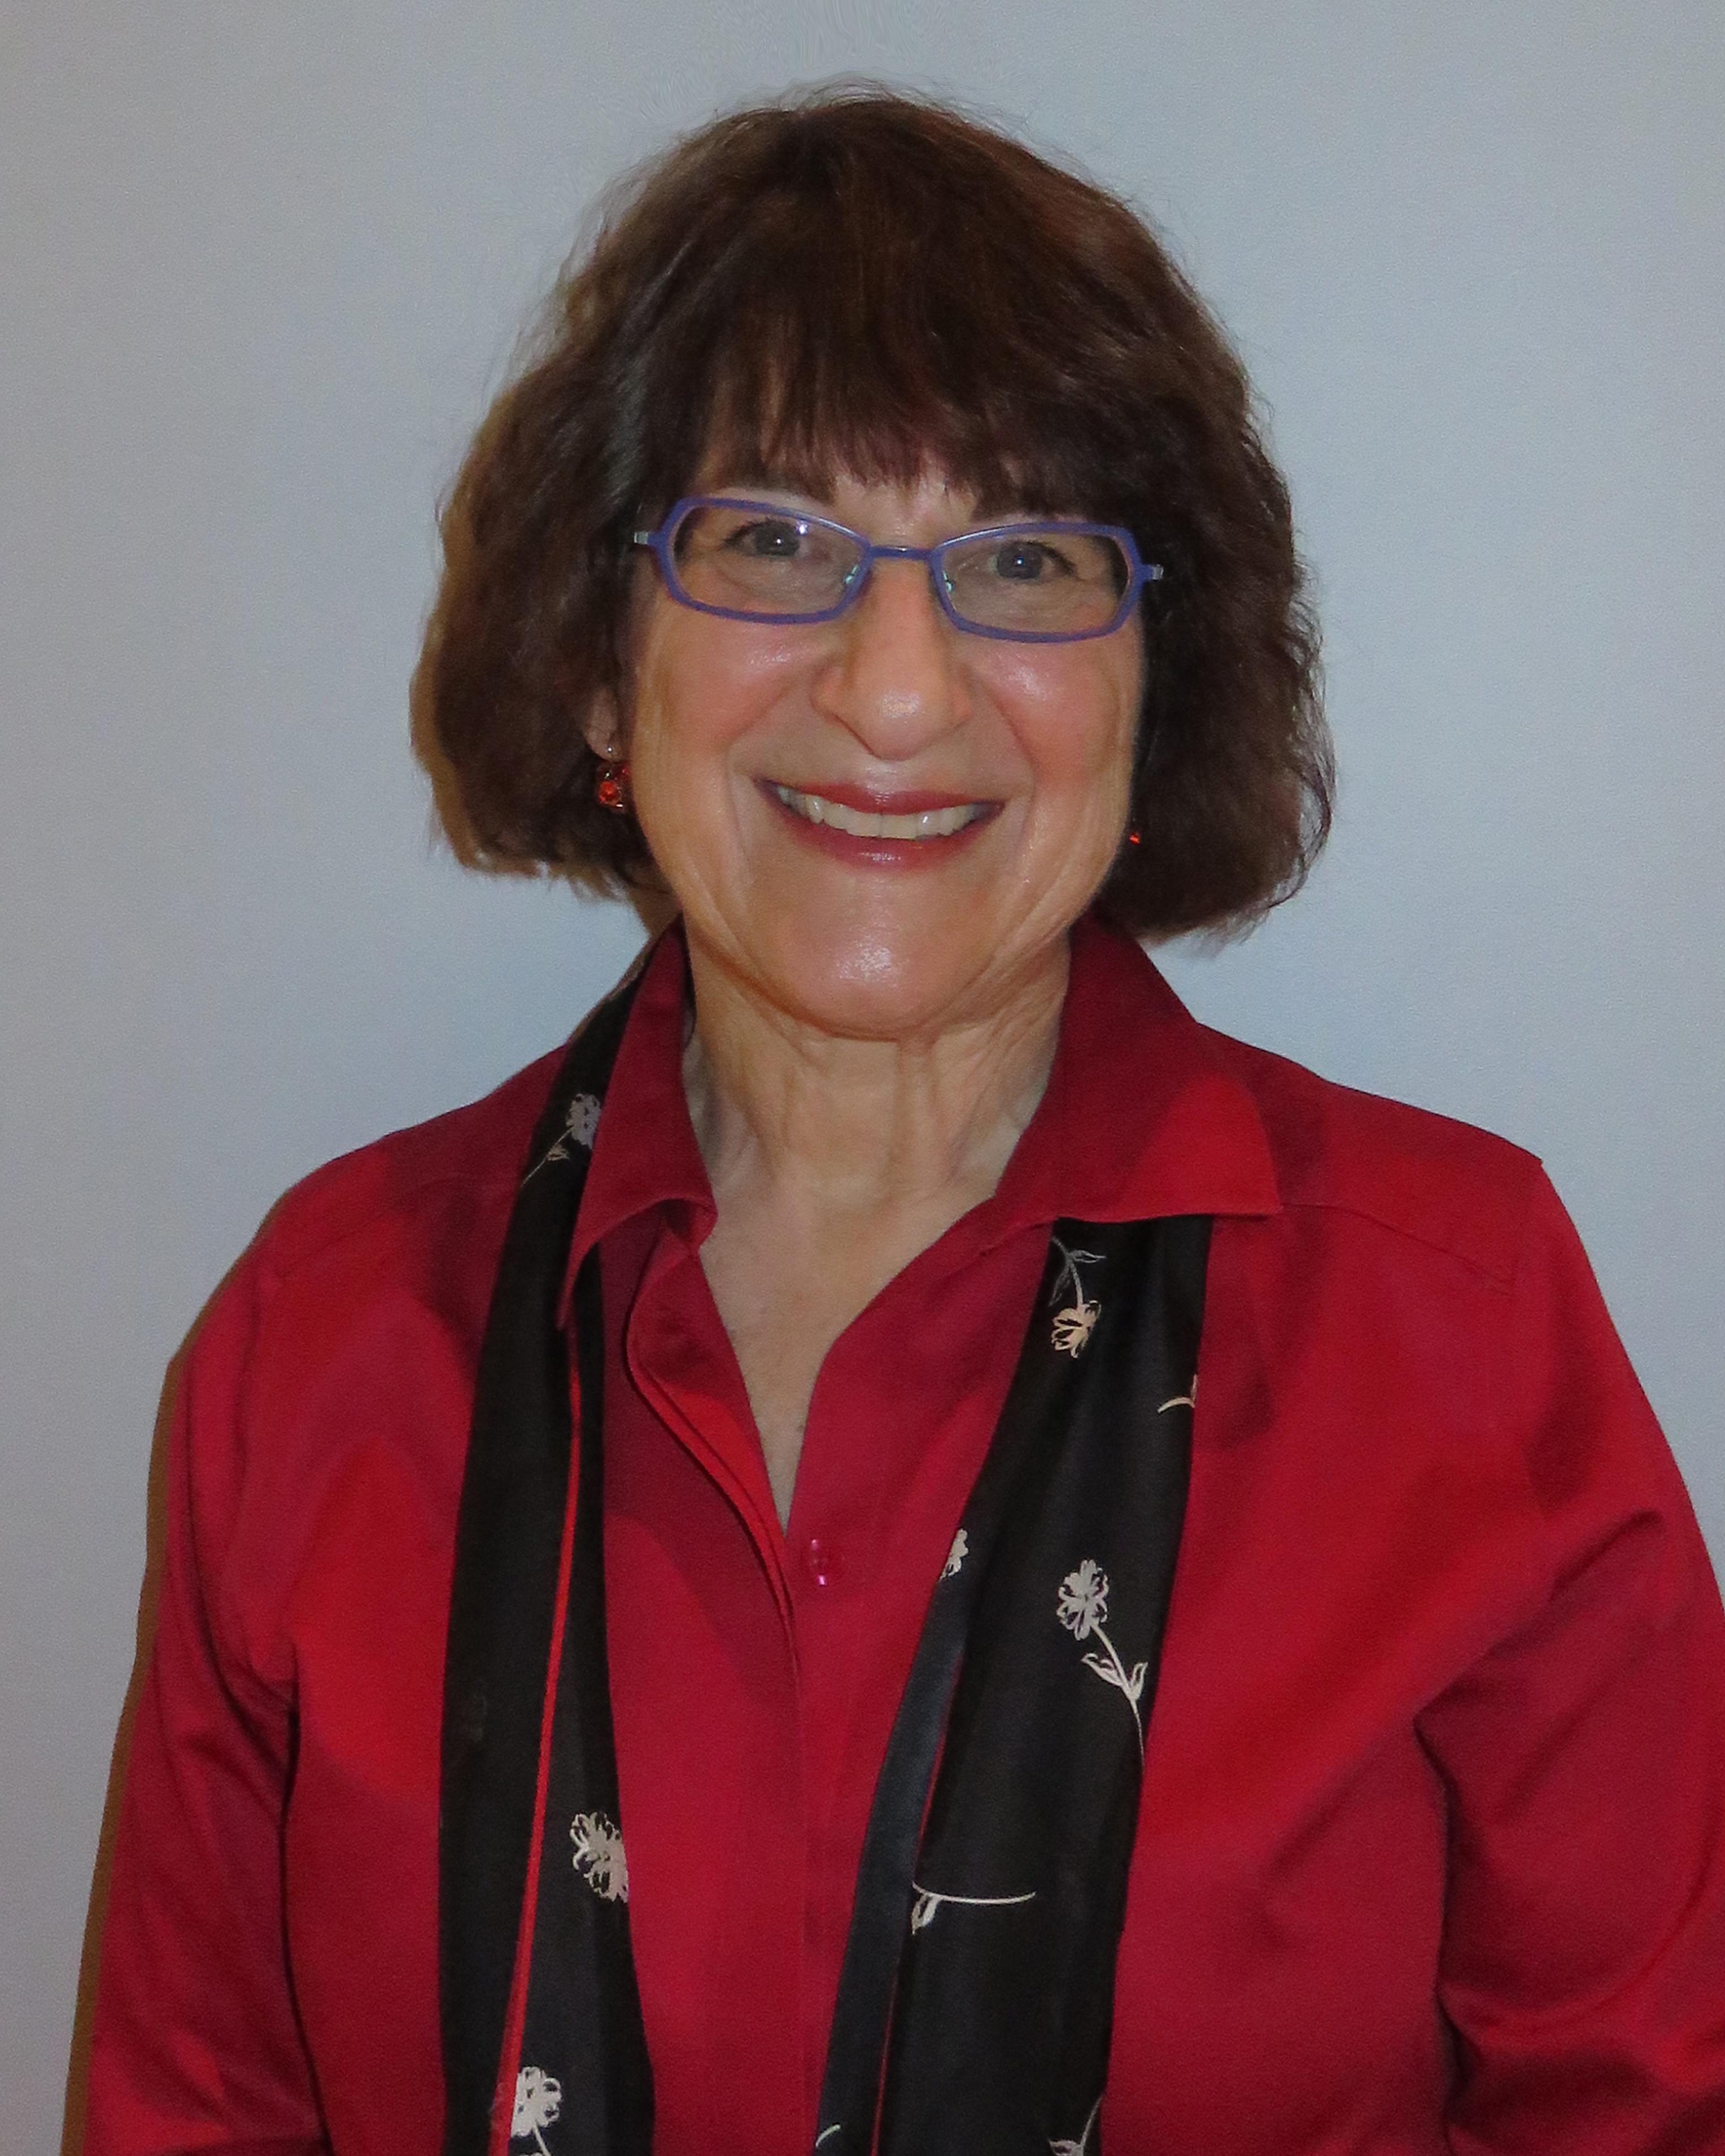 Cynthia Baron